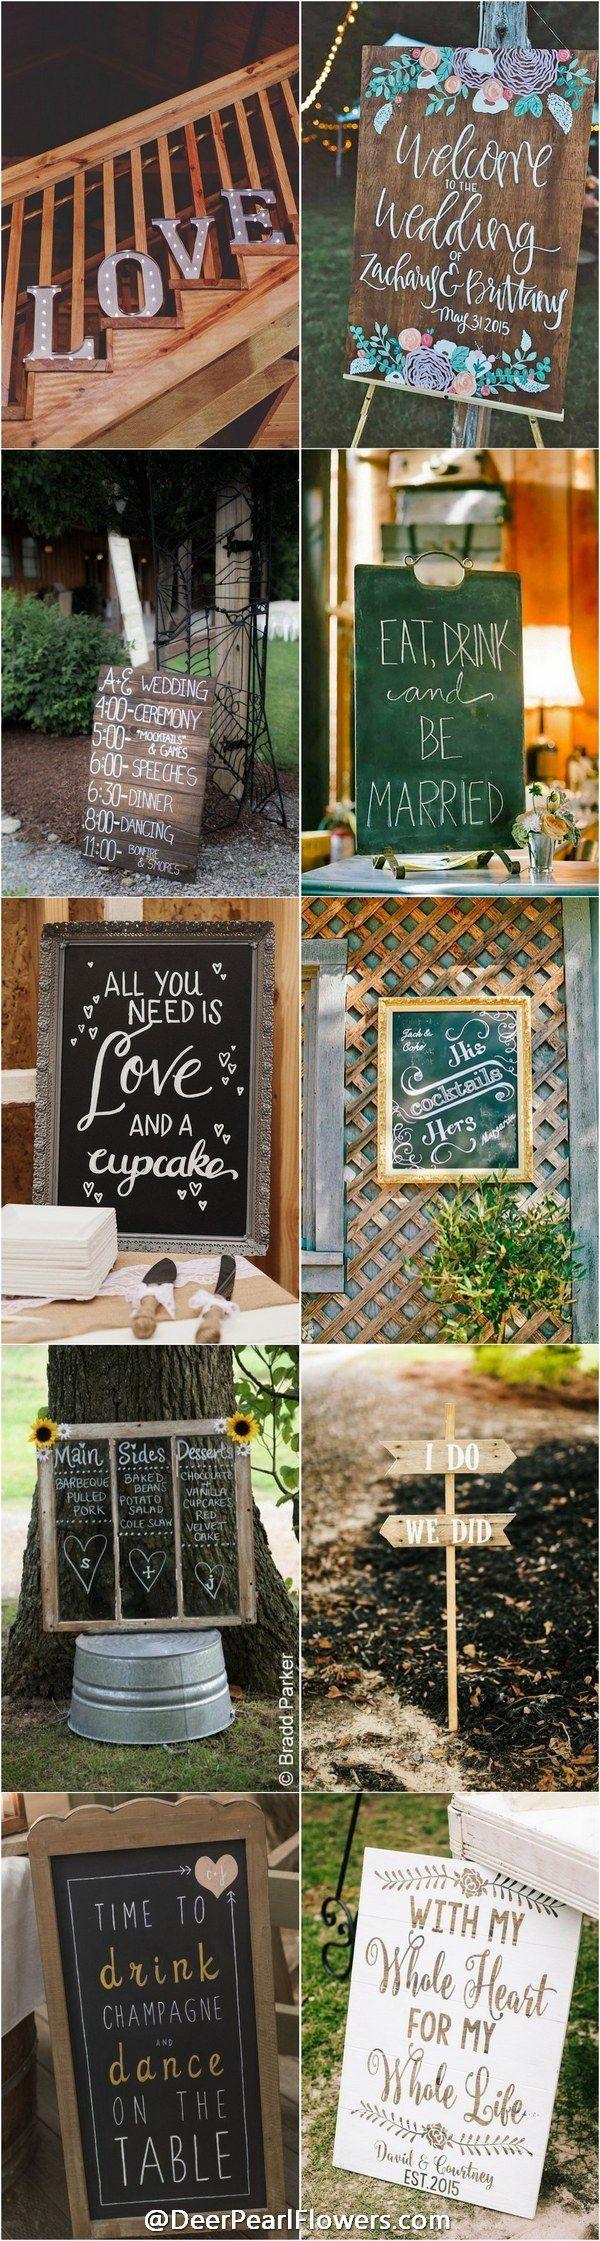 best 25 august wedding ideas on pinterest august wedding